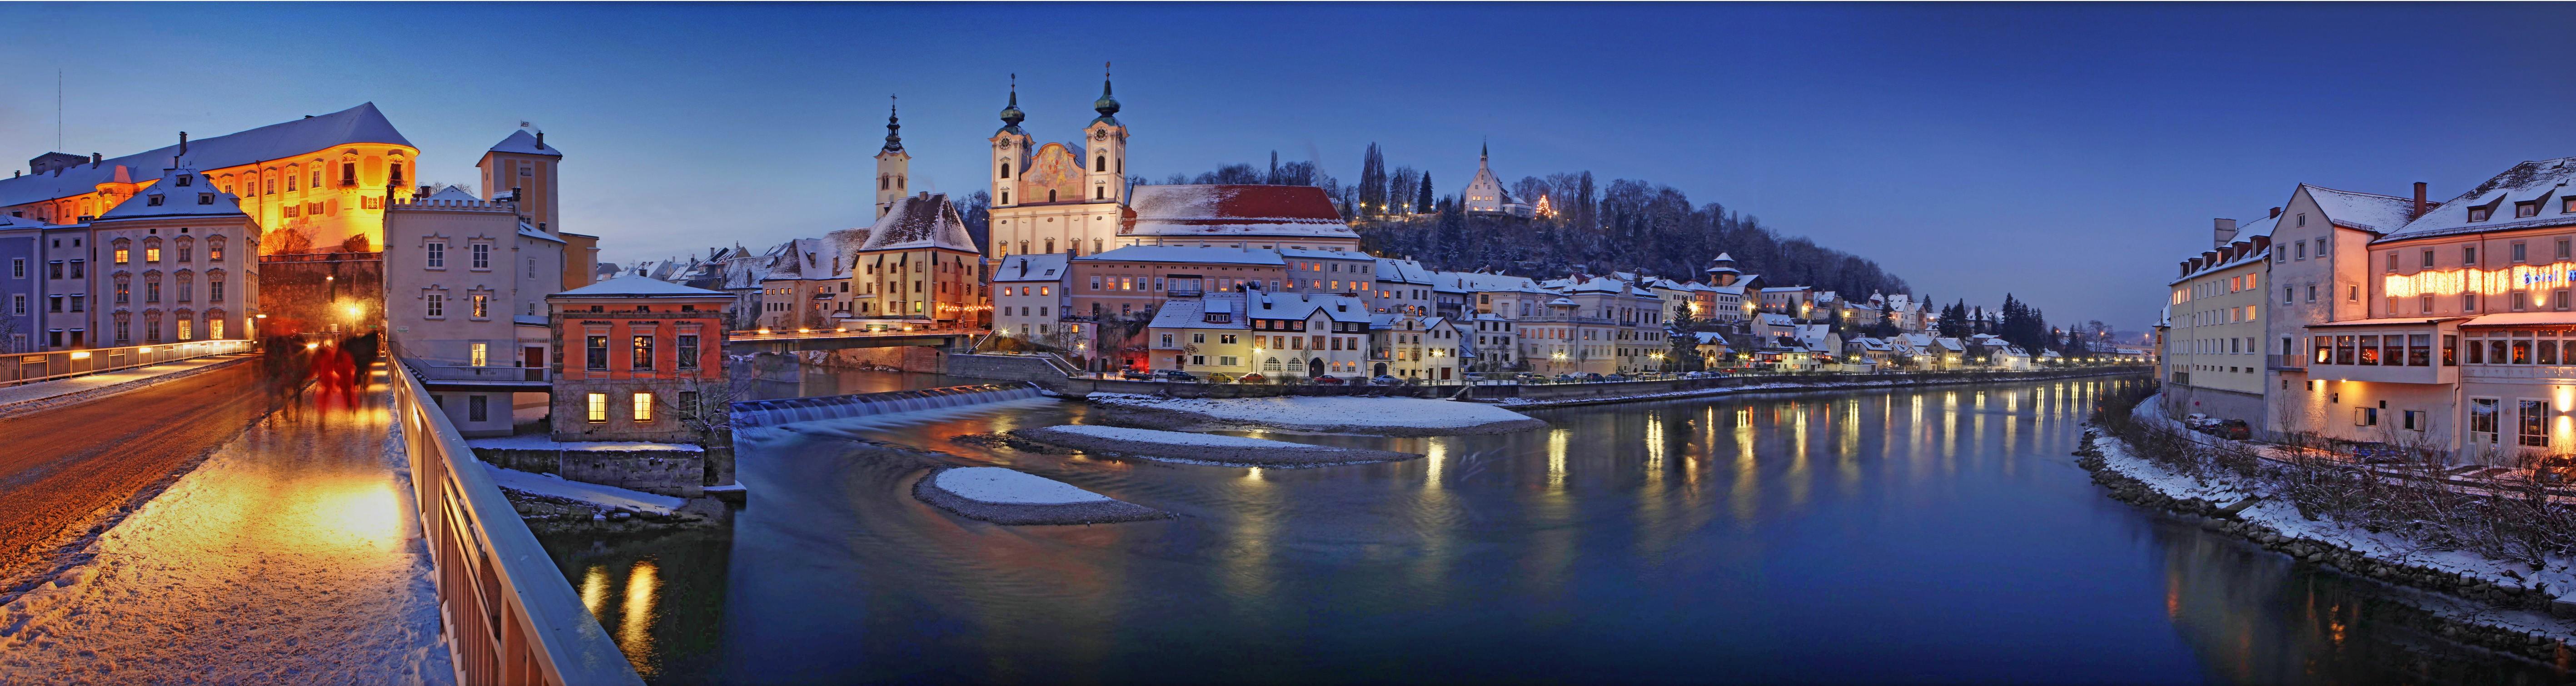 Avvento a Steyr: il centro storico sul fiume con la neve